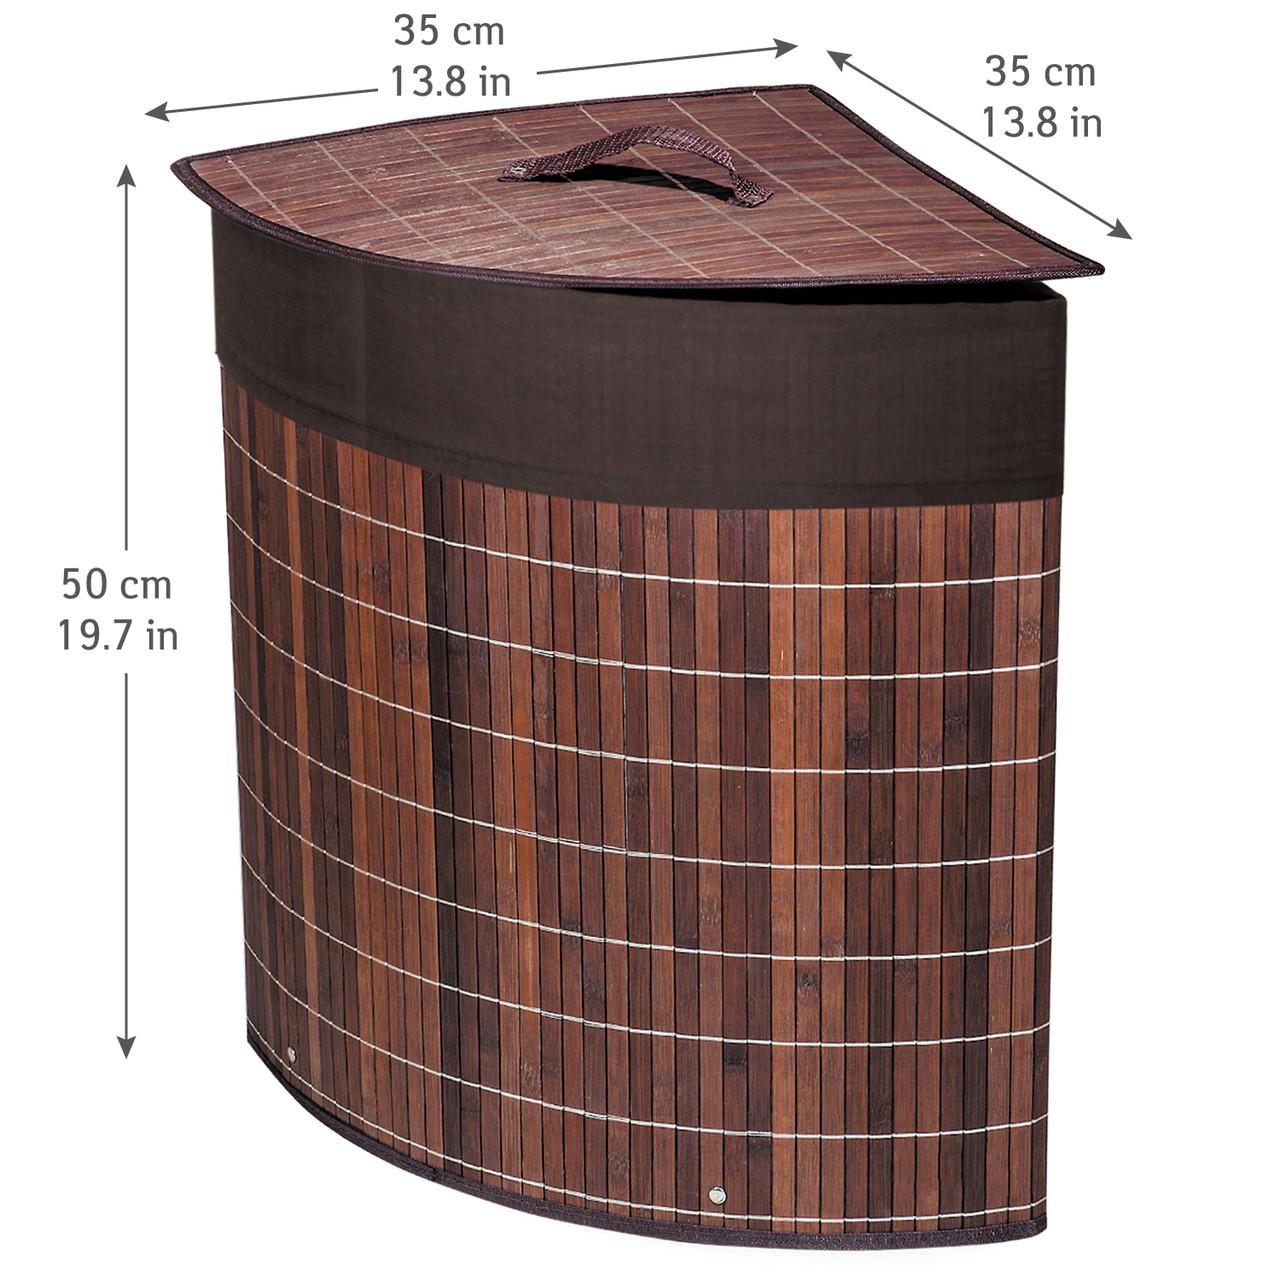 Корзина для белья Tatkraft ATHENA угловая с съемным хлопковым мешком коричневая бамбук 48л 35x35x50 см (11250)